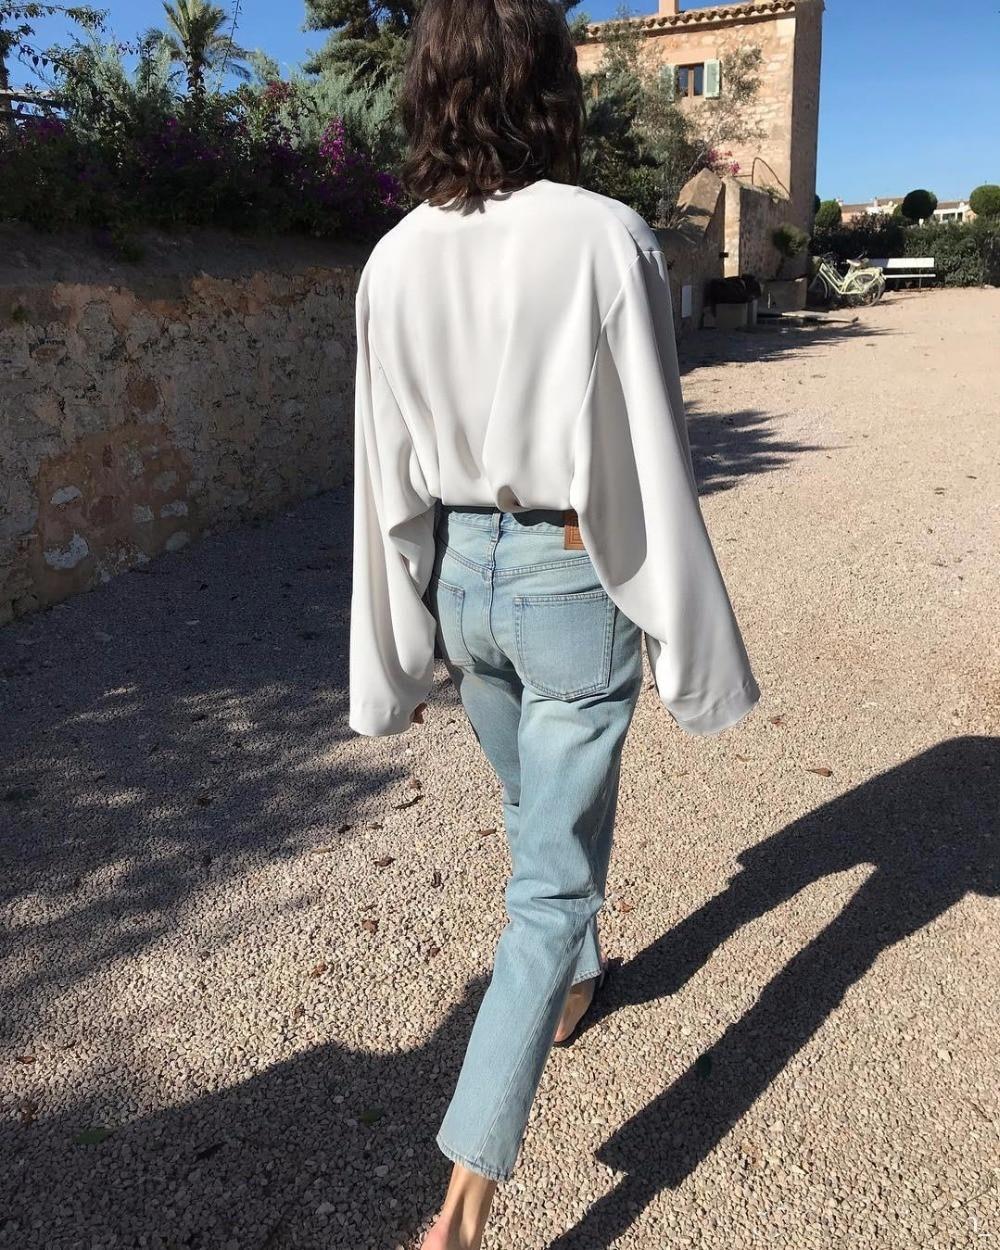 WISHBOP oryginalny Denim Washed Jeans przycięte spłukać proste dżinsy skręcone szew długość kostki spodnie spodnie kobieta 2019SS w Dżinsy od Odzież damska na  Grupa 1